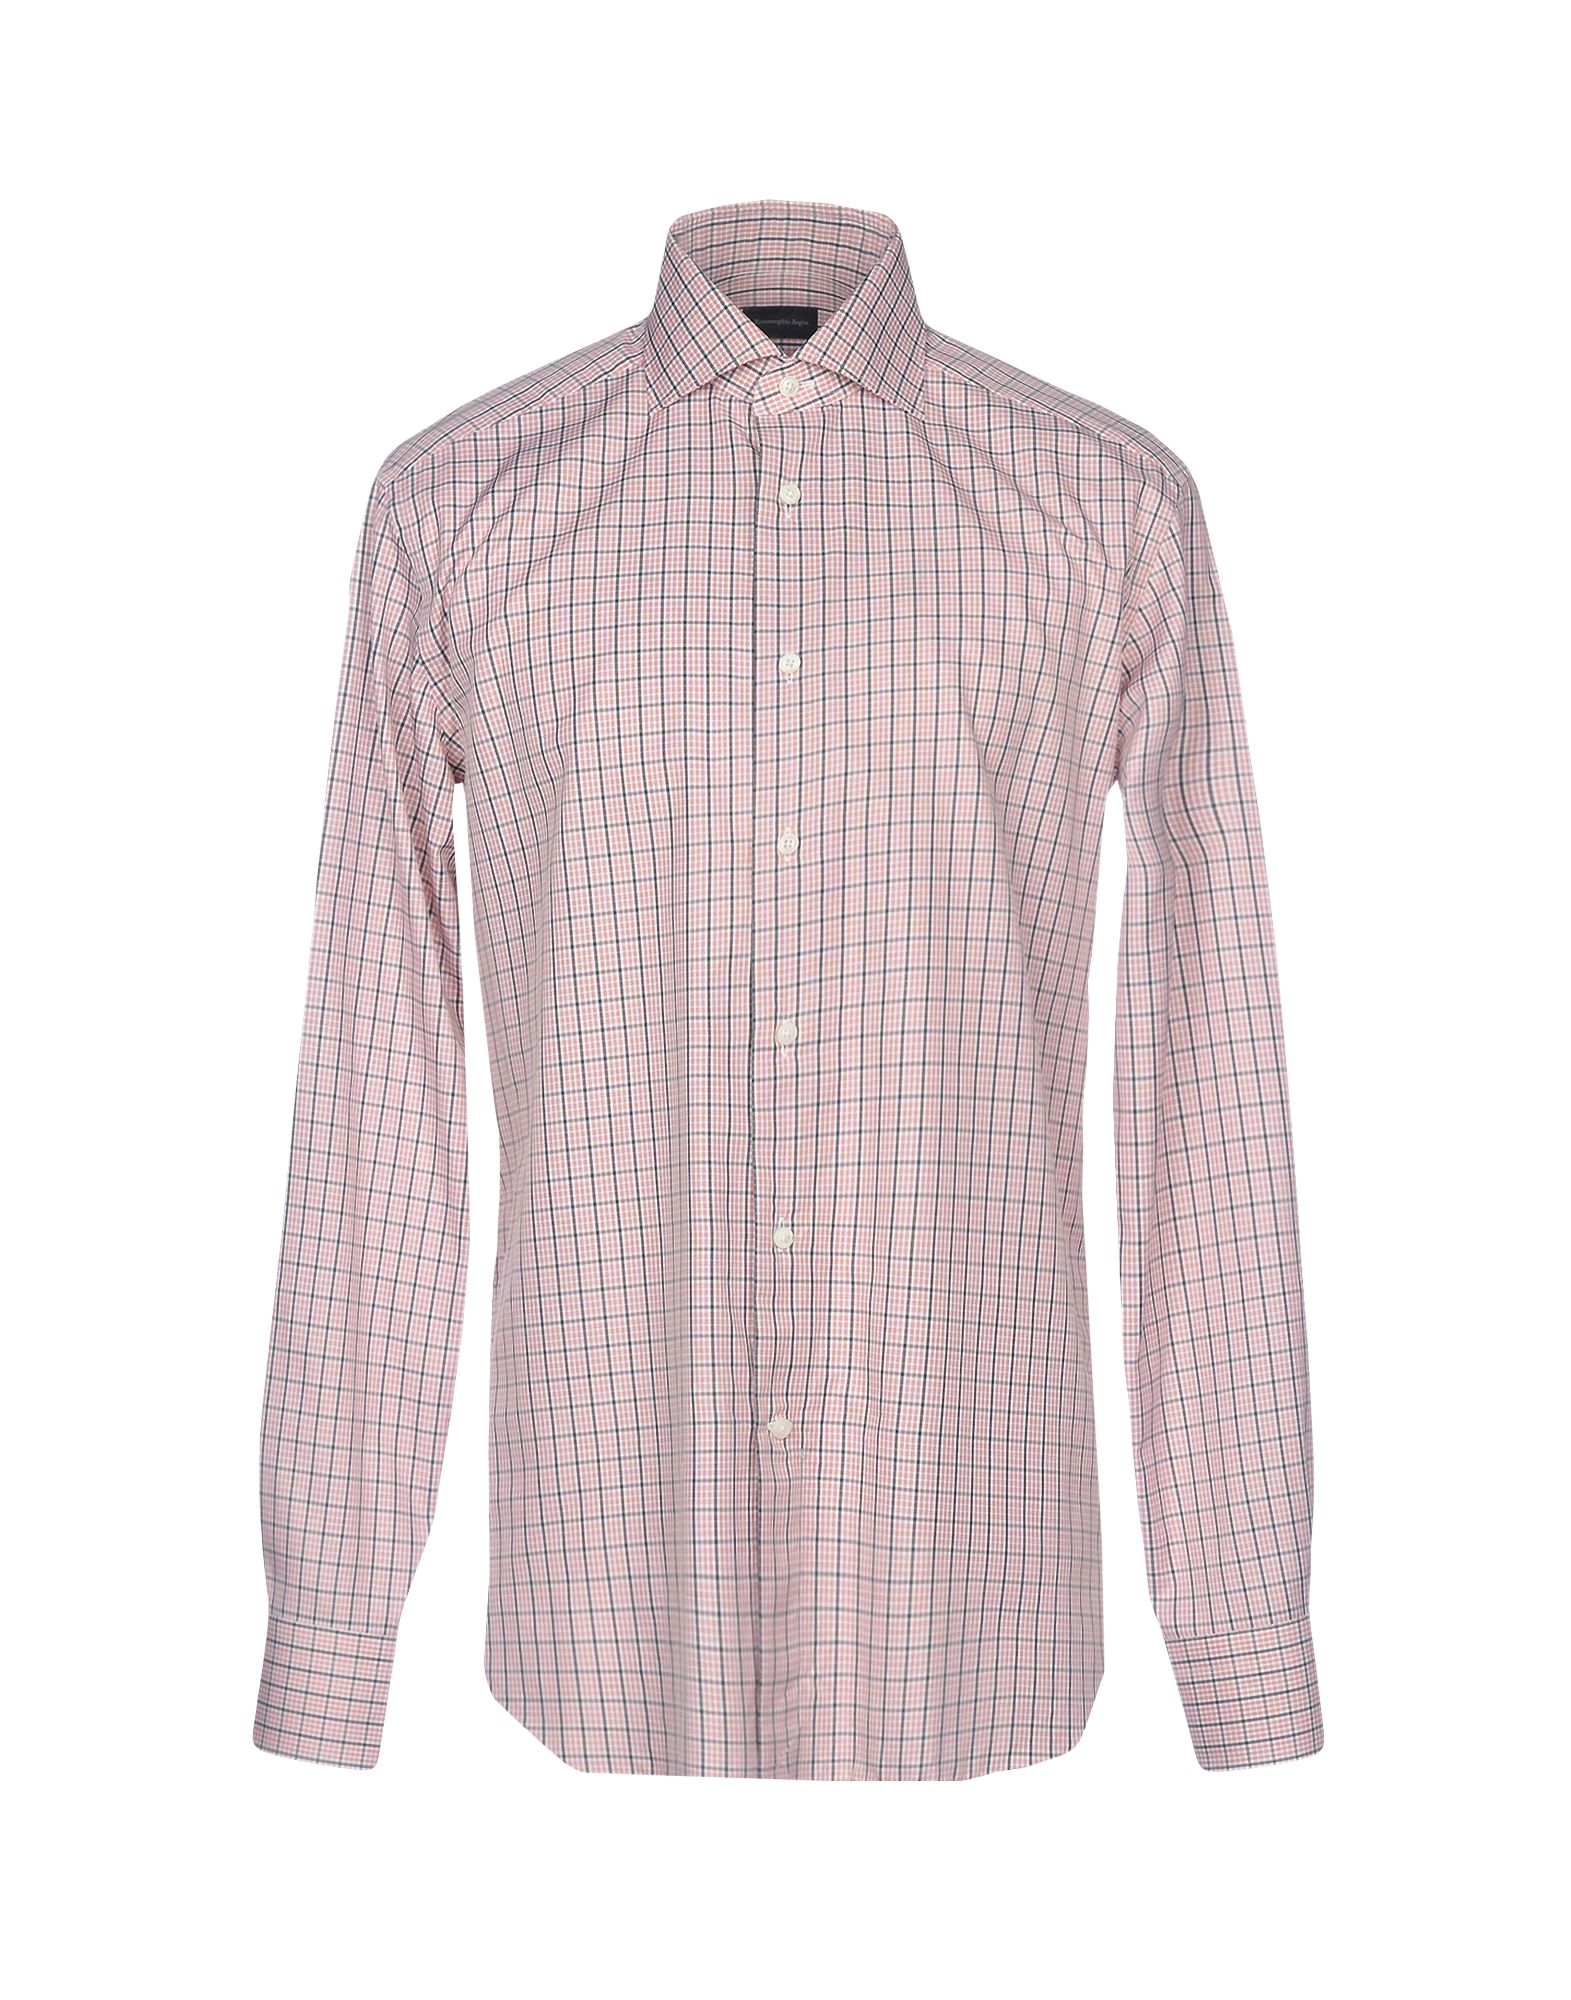 Ermenegildo Zegna Checked Shirt Men Ermenegildo Zegna Checked